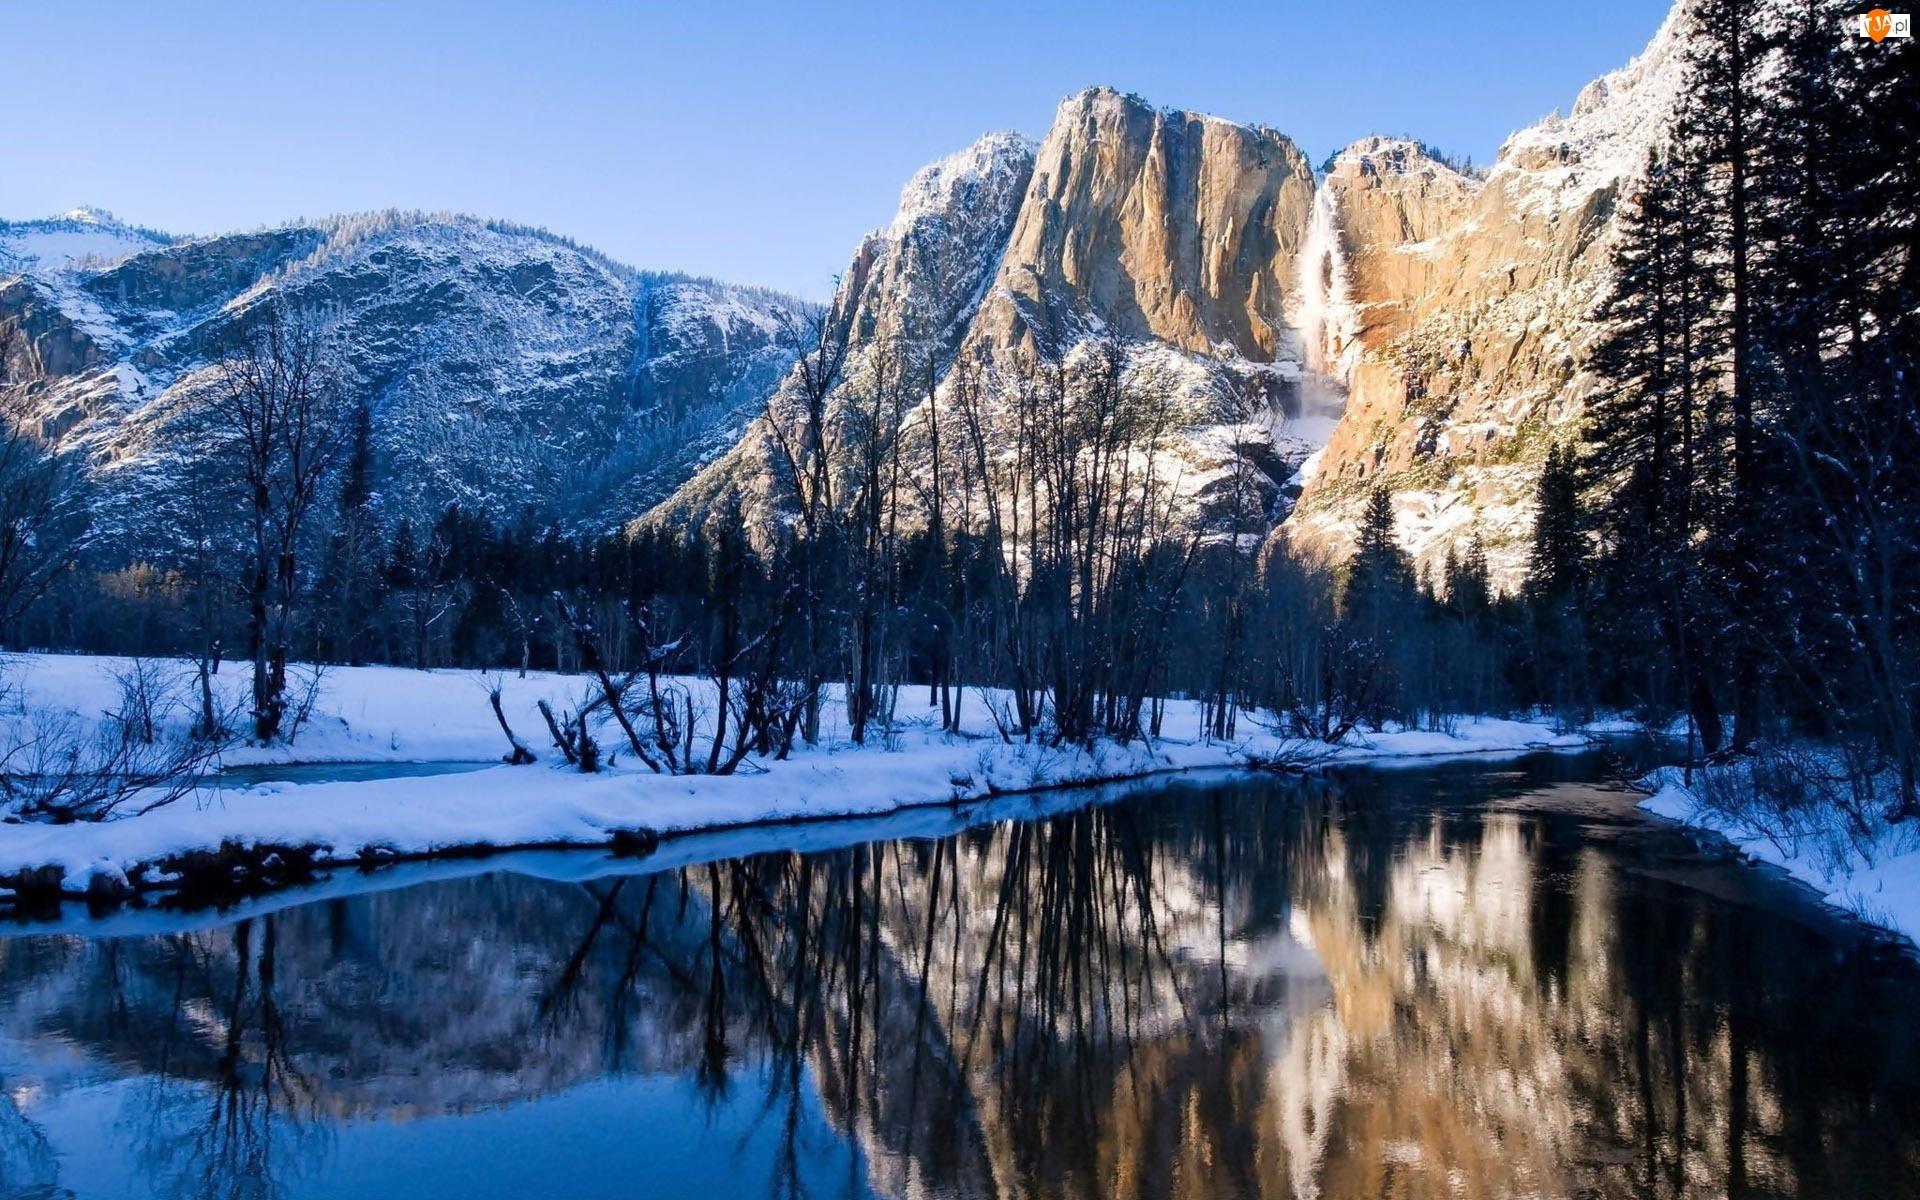 Park Narodowy Yosemite, Rzeka, Stany Zjednoczone, Zima, Stan Kalifornia, Góry